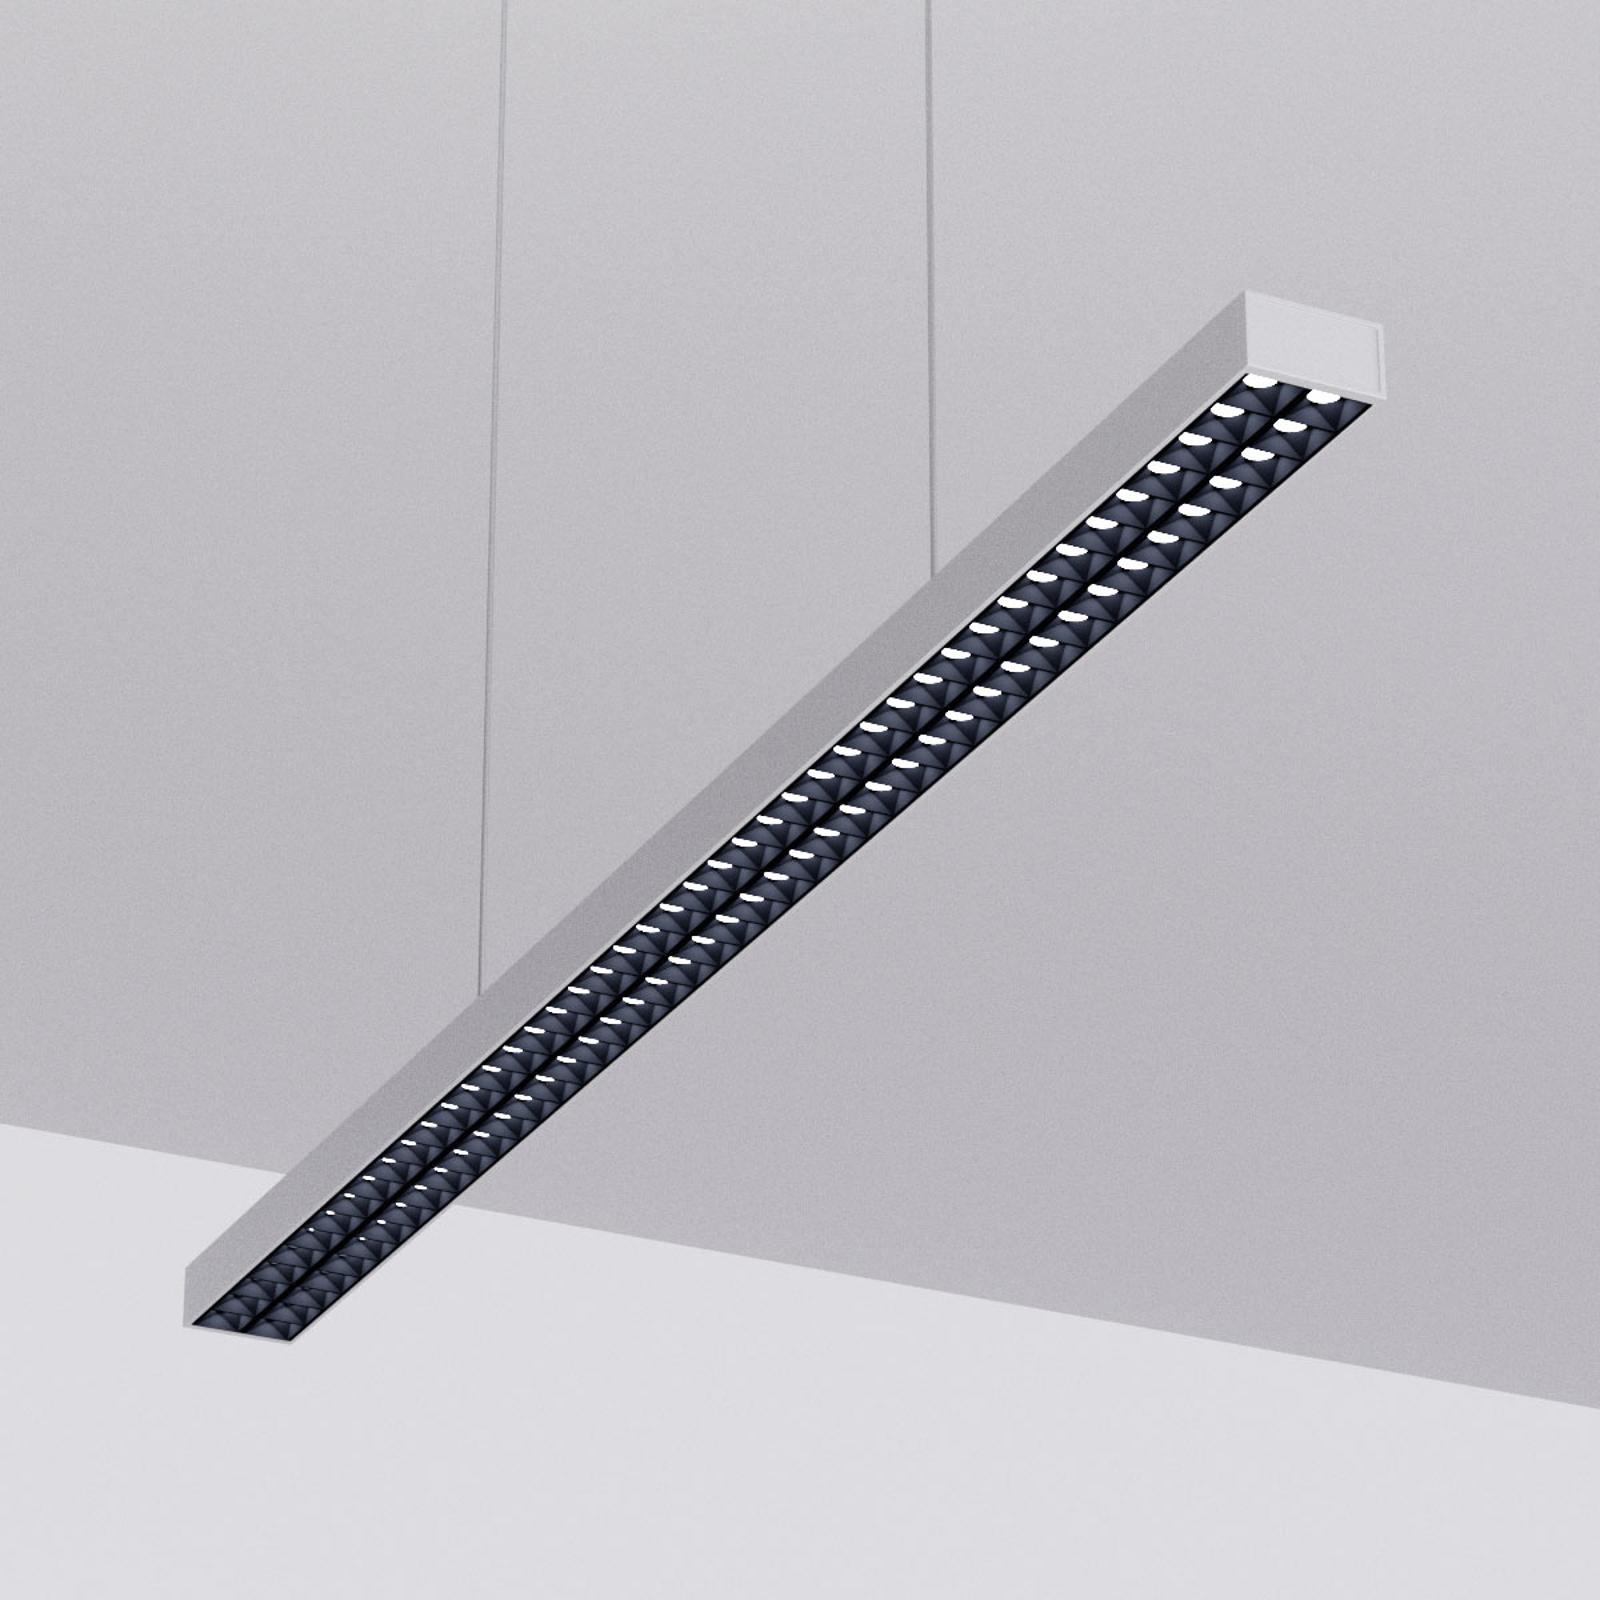 LED hanglamp Jolinda voor kantoor, zilver